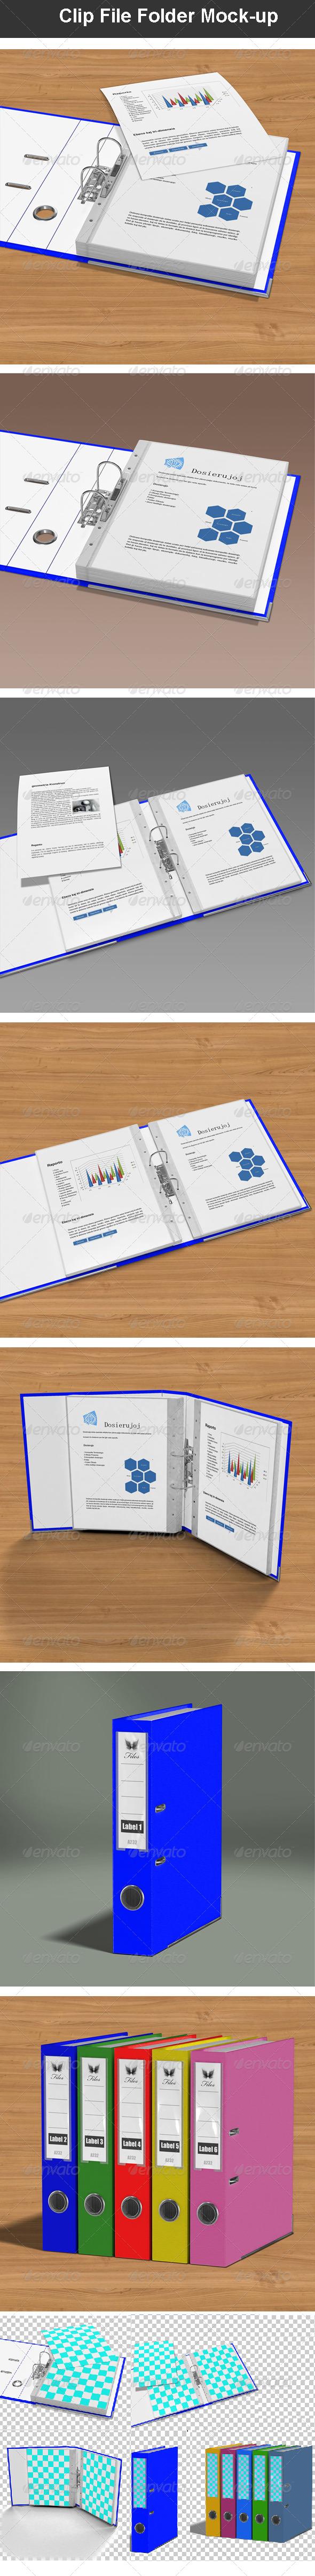 GraphicRiver Clip File Folder Mock-up 6684452